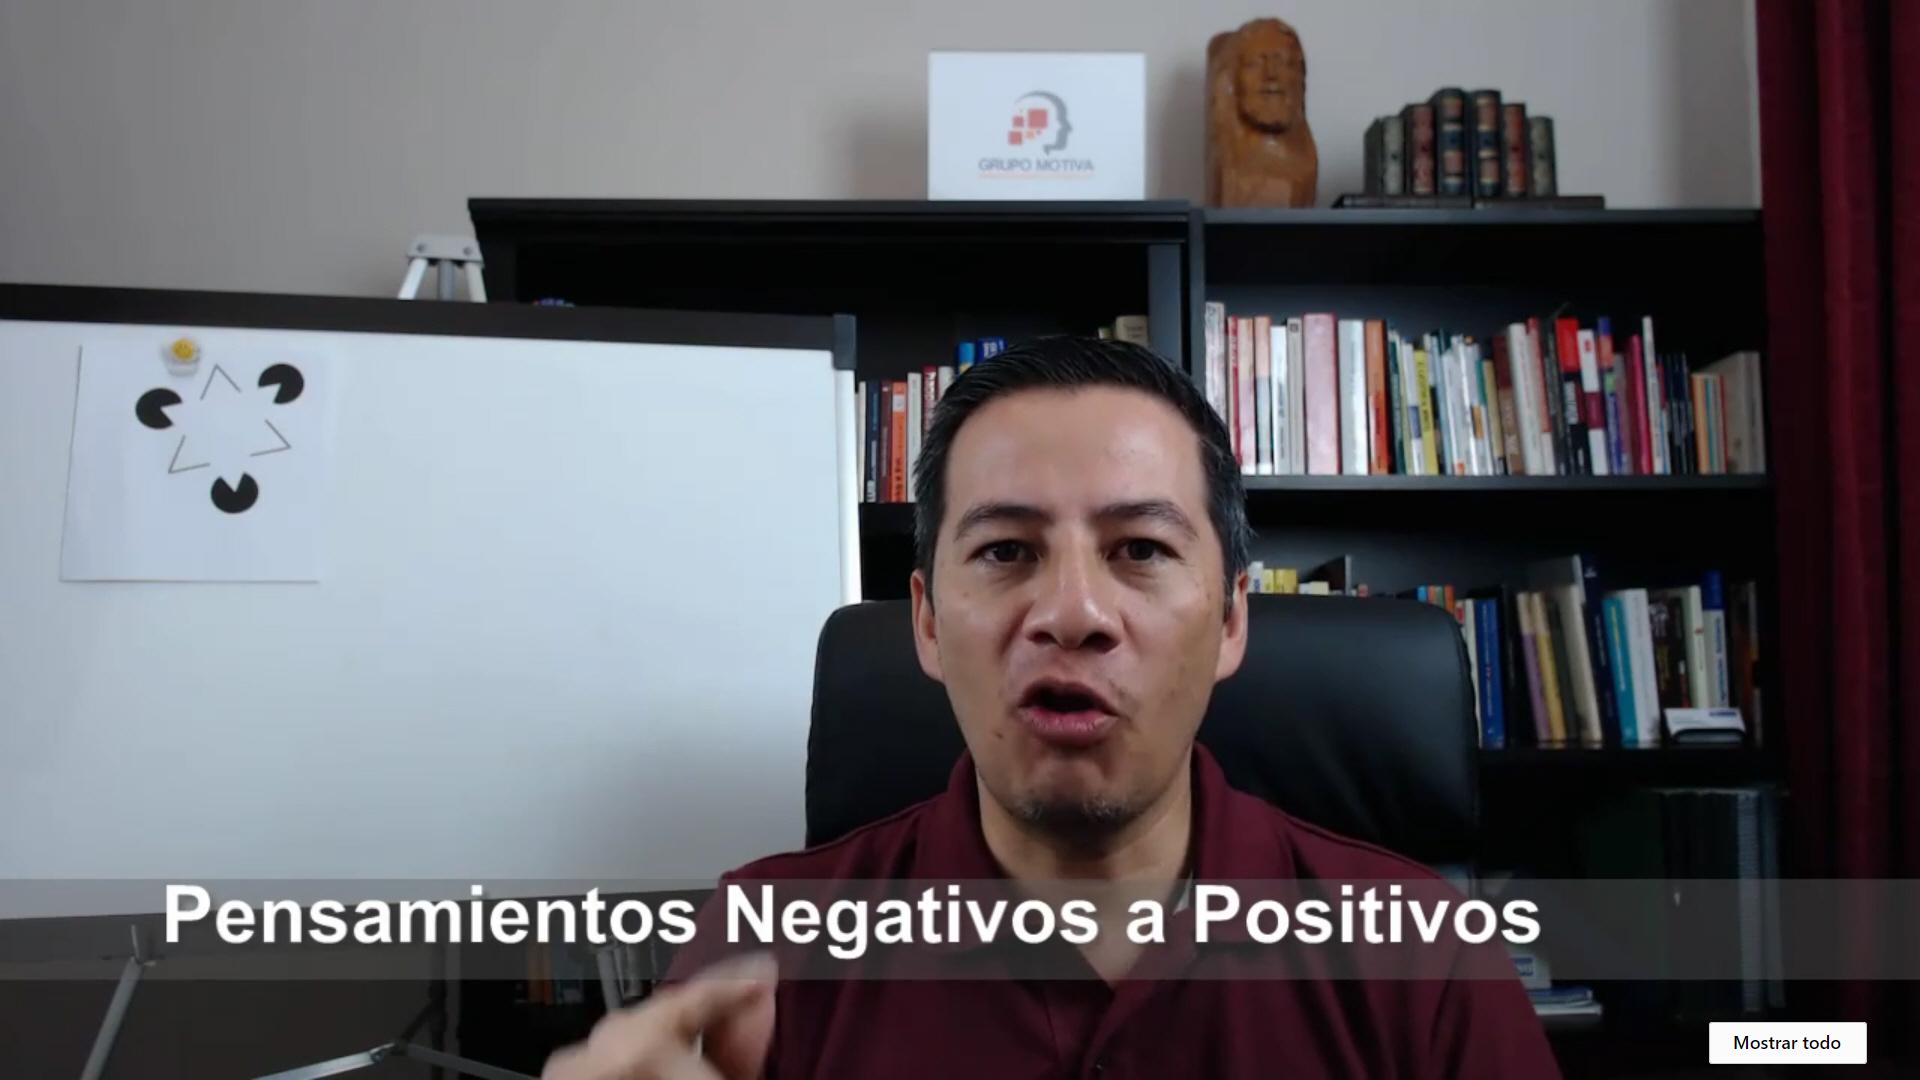 Eliminar pensamientos negativos y convertirlos a pensamientos positivos a mediano plazo pero permanentemente.